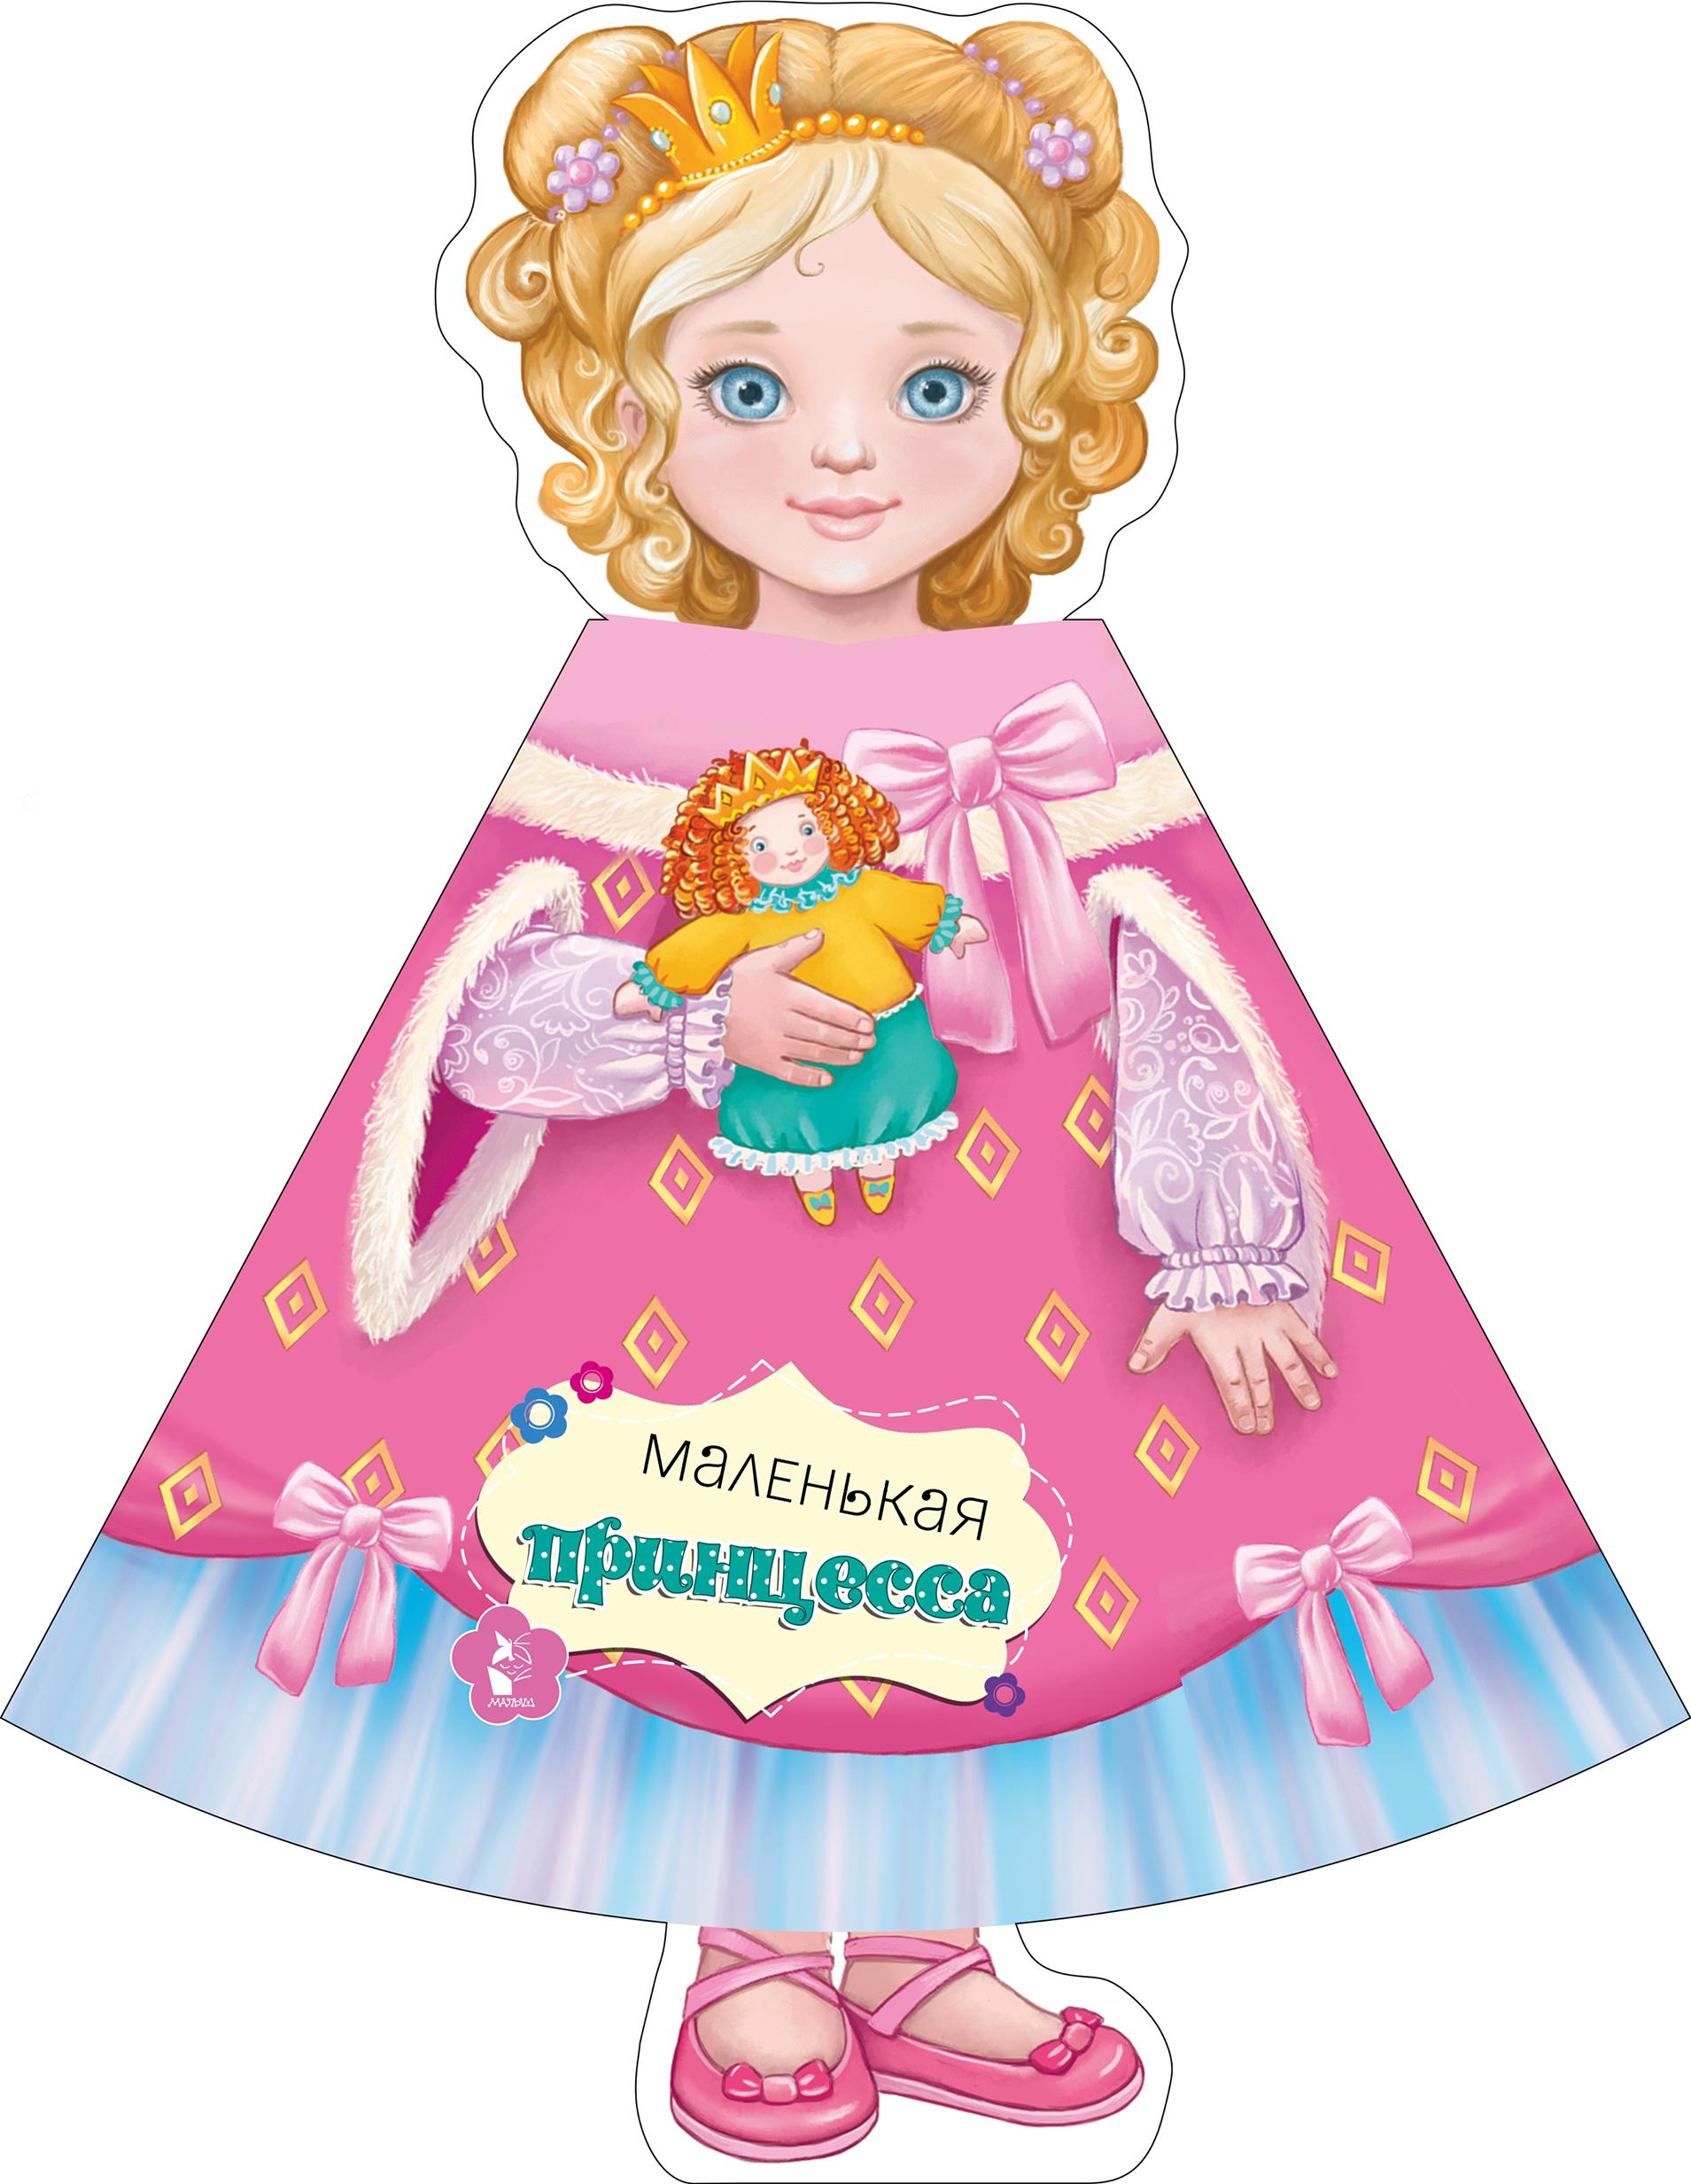 Маленькая принцесса ( Чекурина О.Д.  )